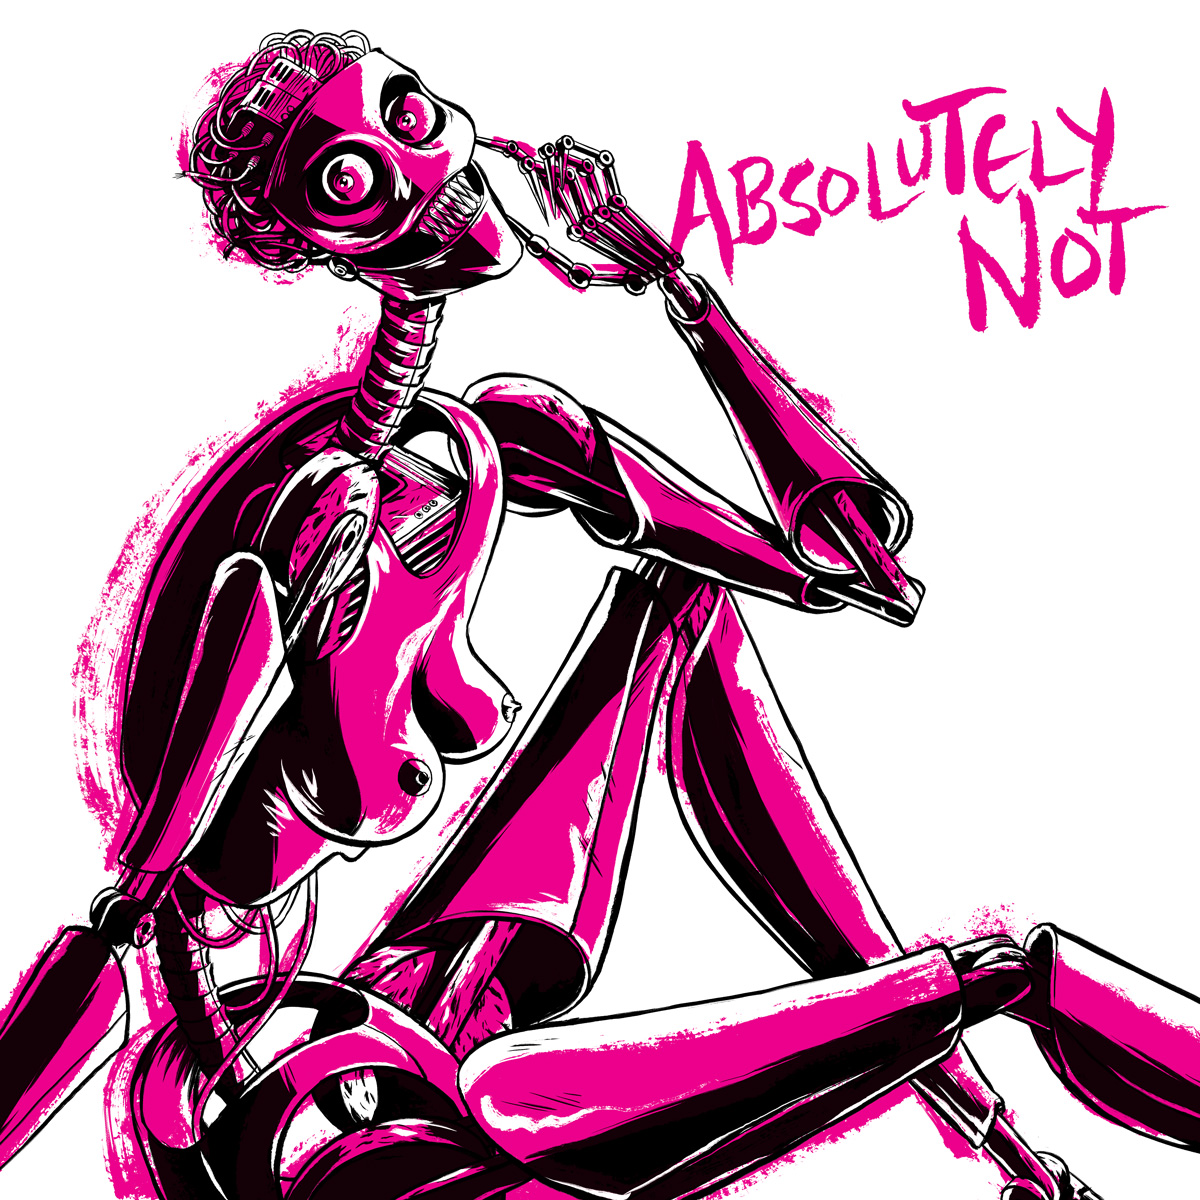 Bionic Album Art